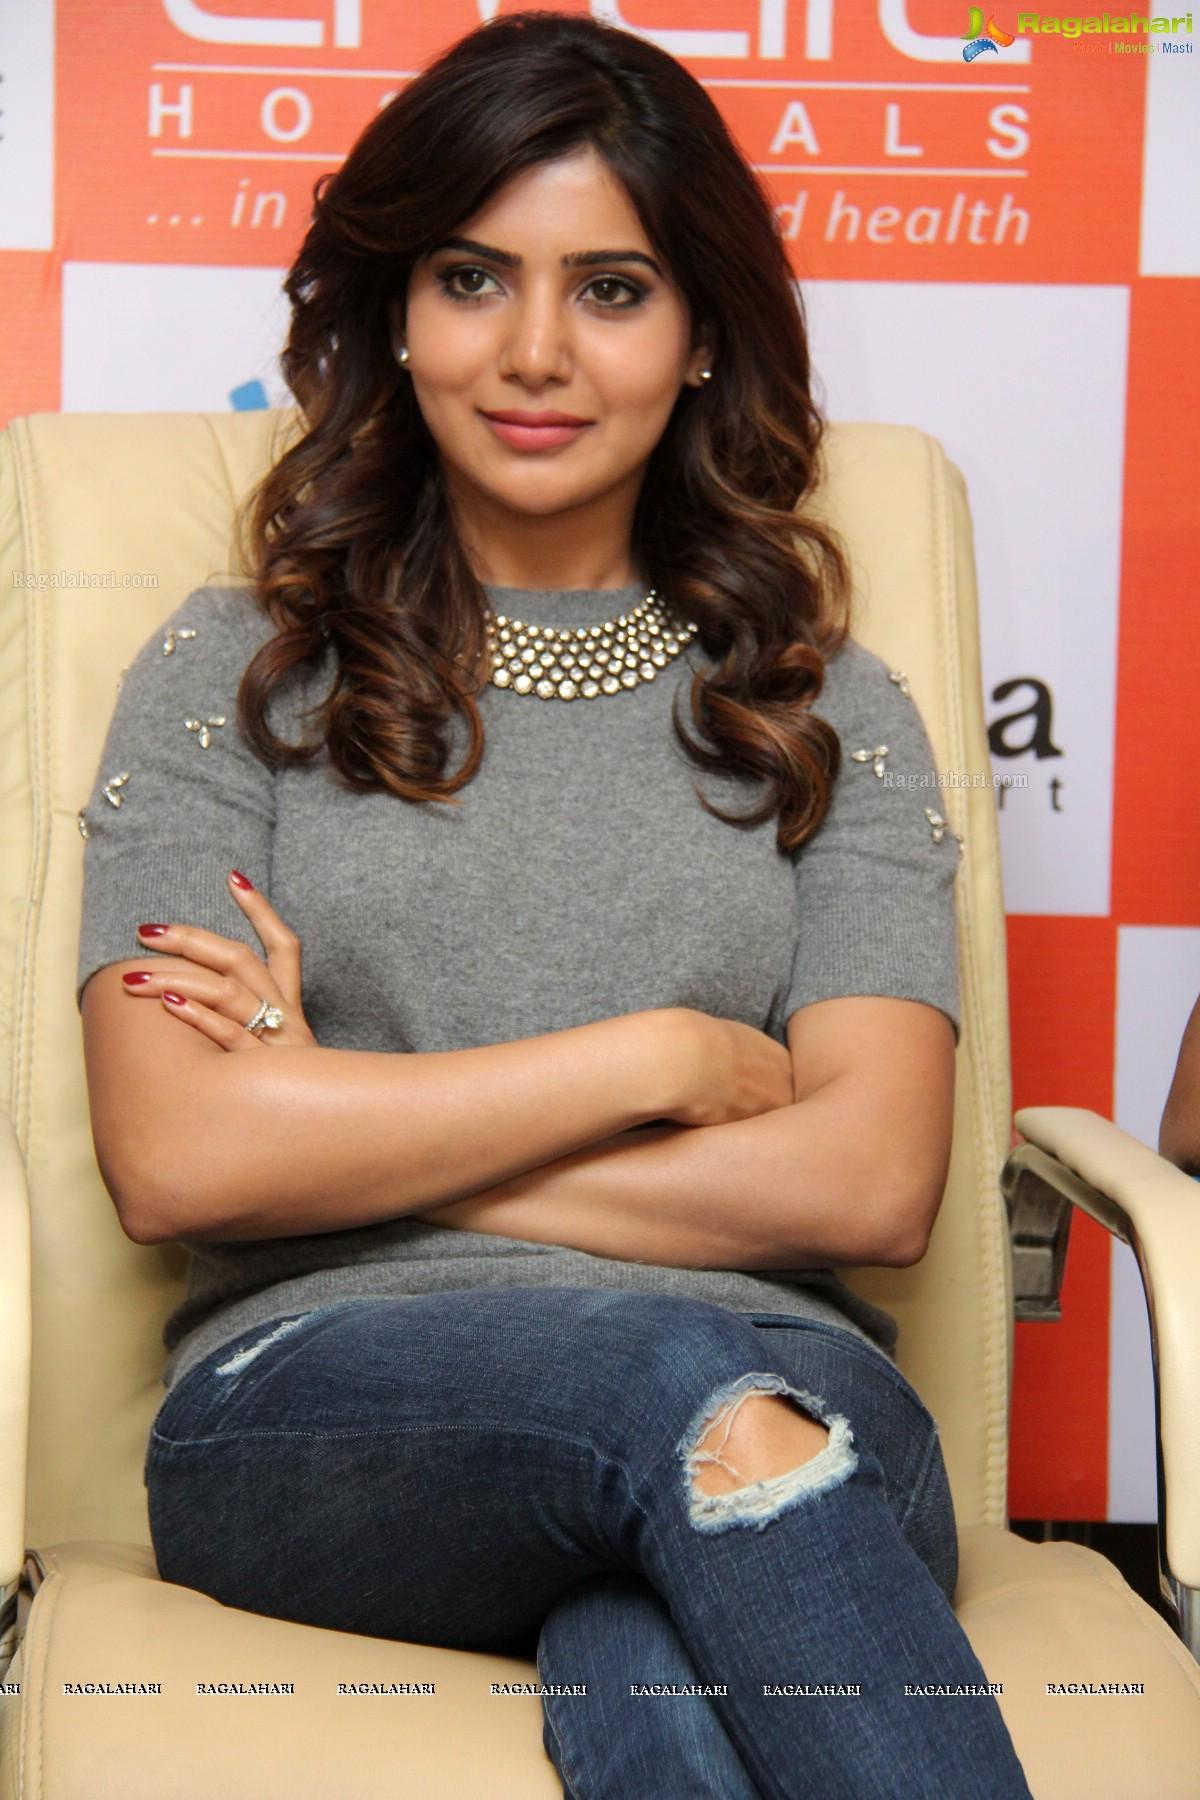 Samantha at Livlife Hospitals, Hyderabad